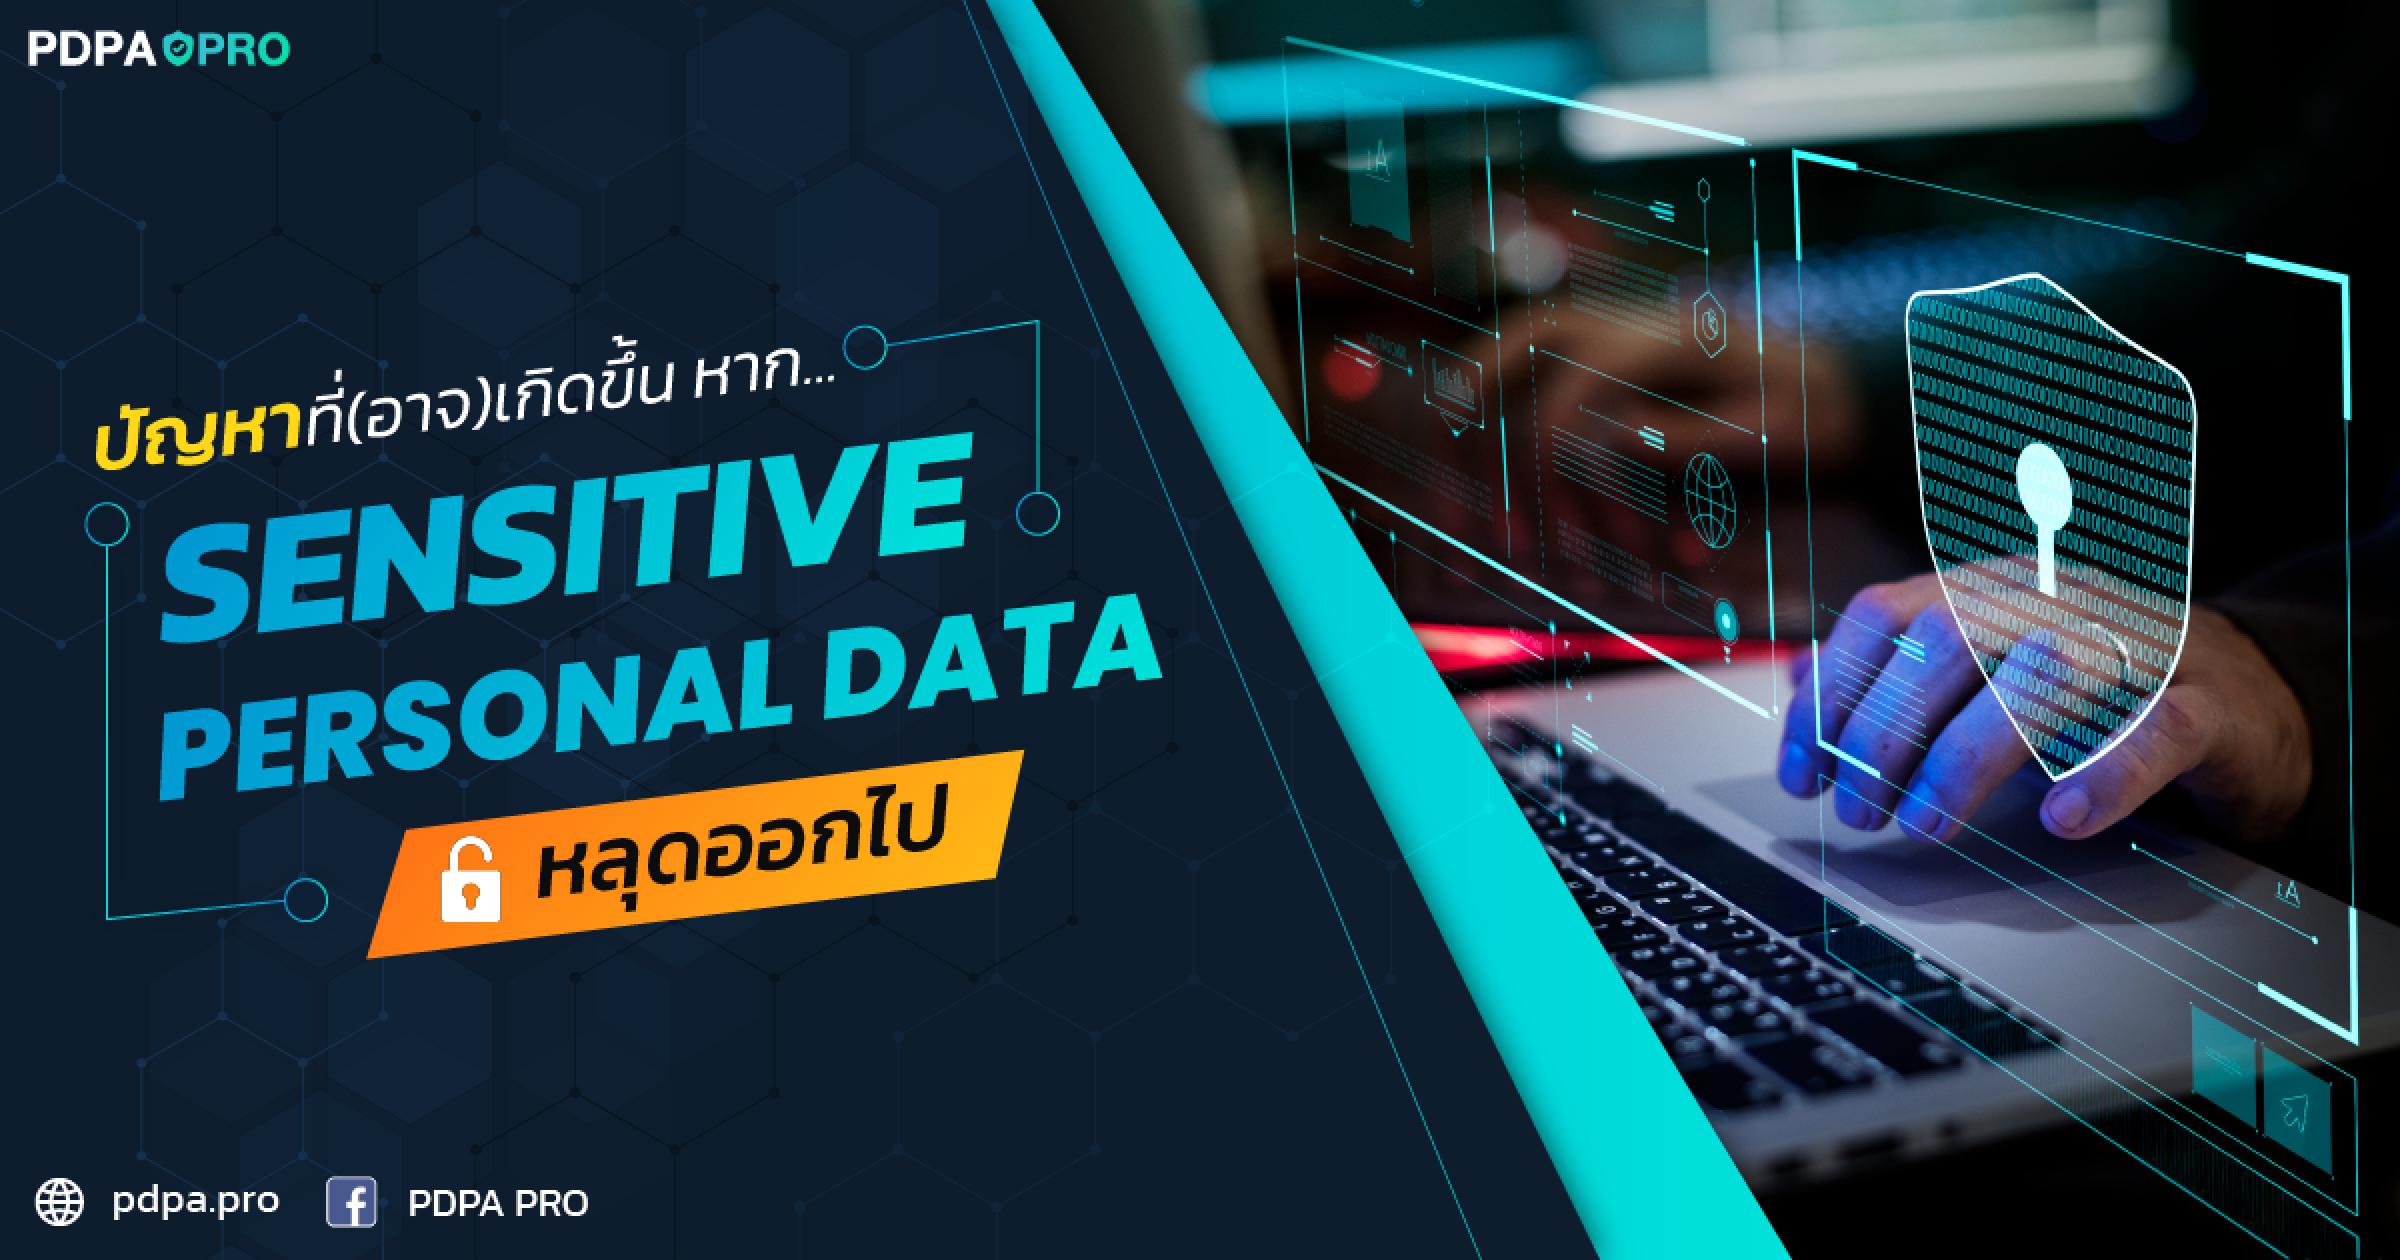 ถ้า Sensitive Personal Data หลุดไป จะจัดการอย่างไรได้บ้าง